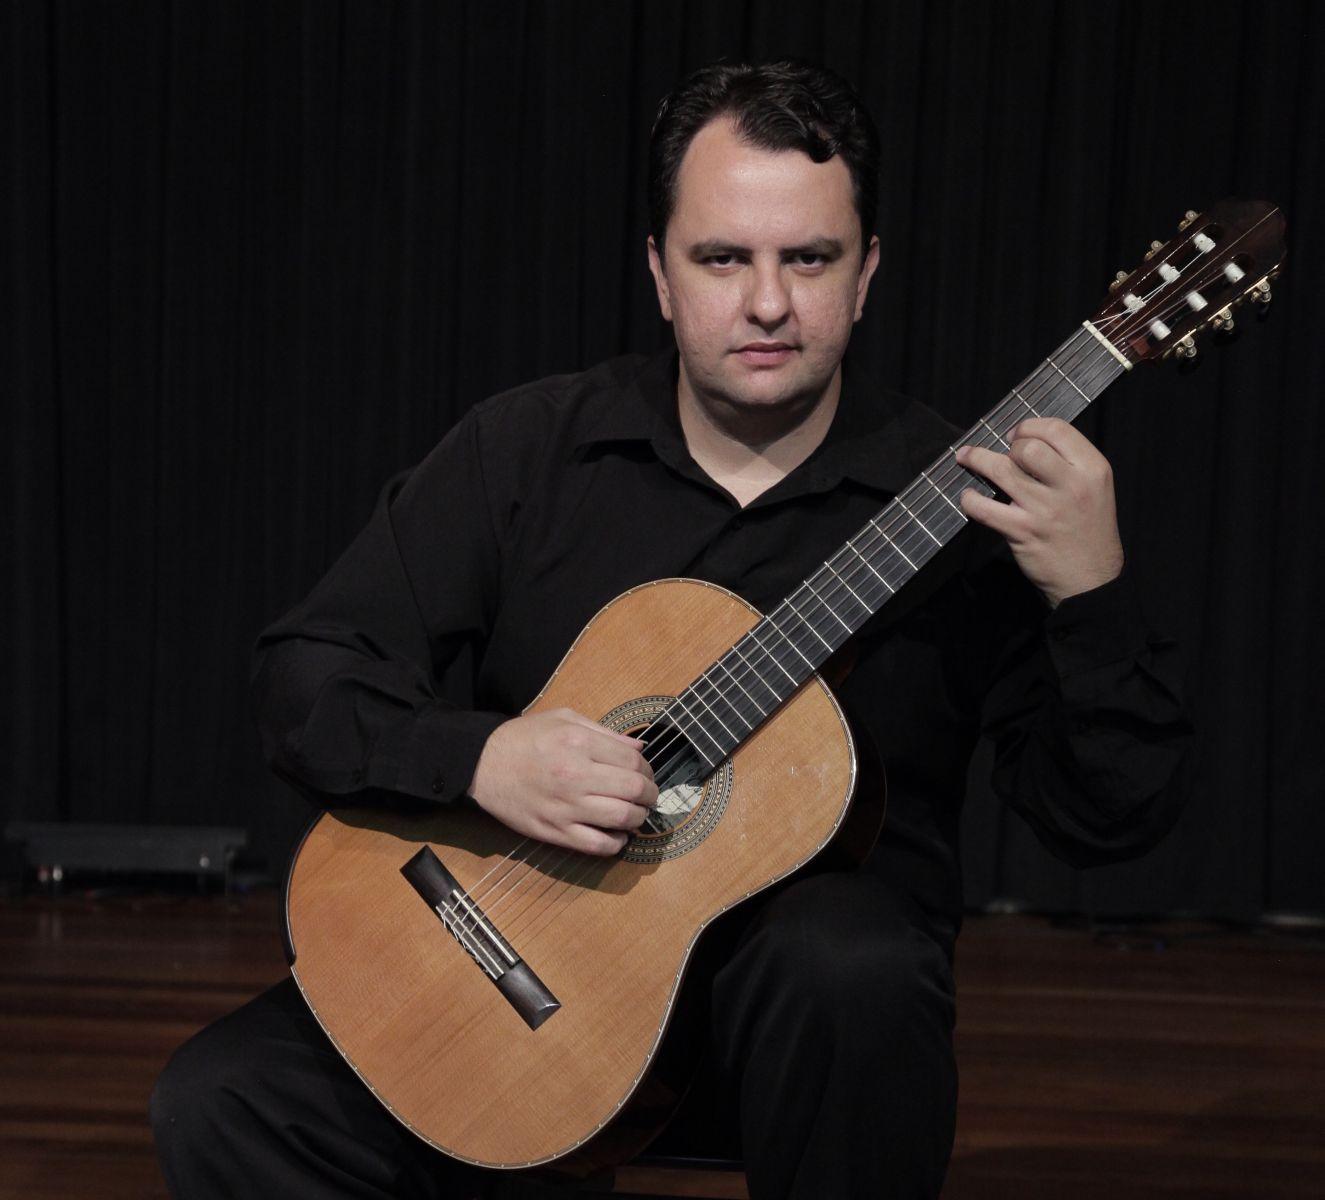 Celso Faria estreia em CD de violão solo com obras raras e inéditas - Celso Faria. Crédito: Foca Lisboa